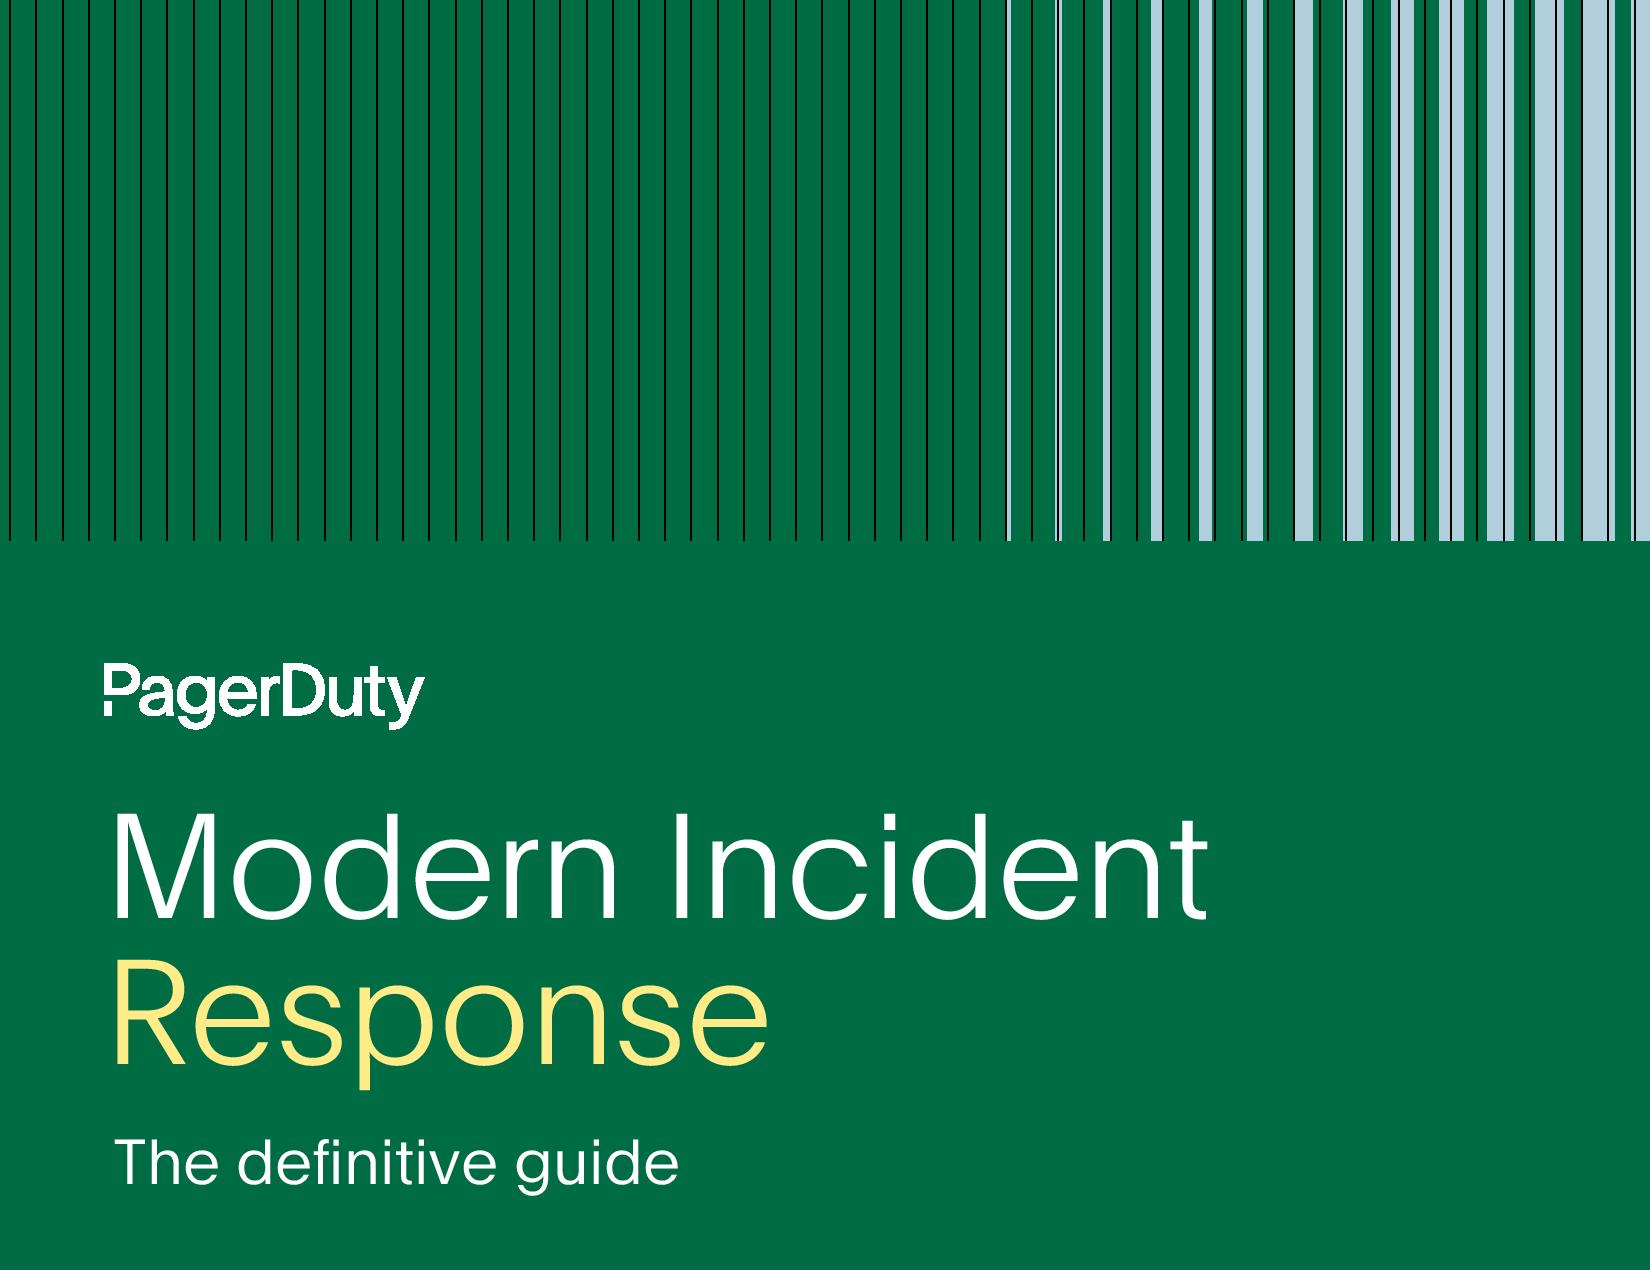 La réponse moderne aux incidents: le guide définitif